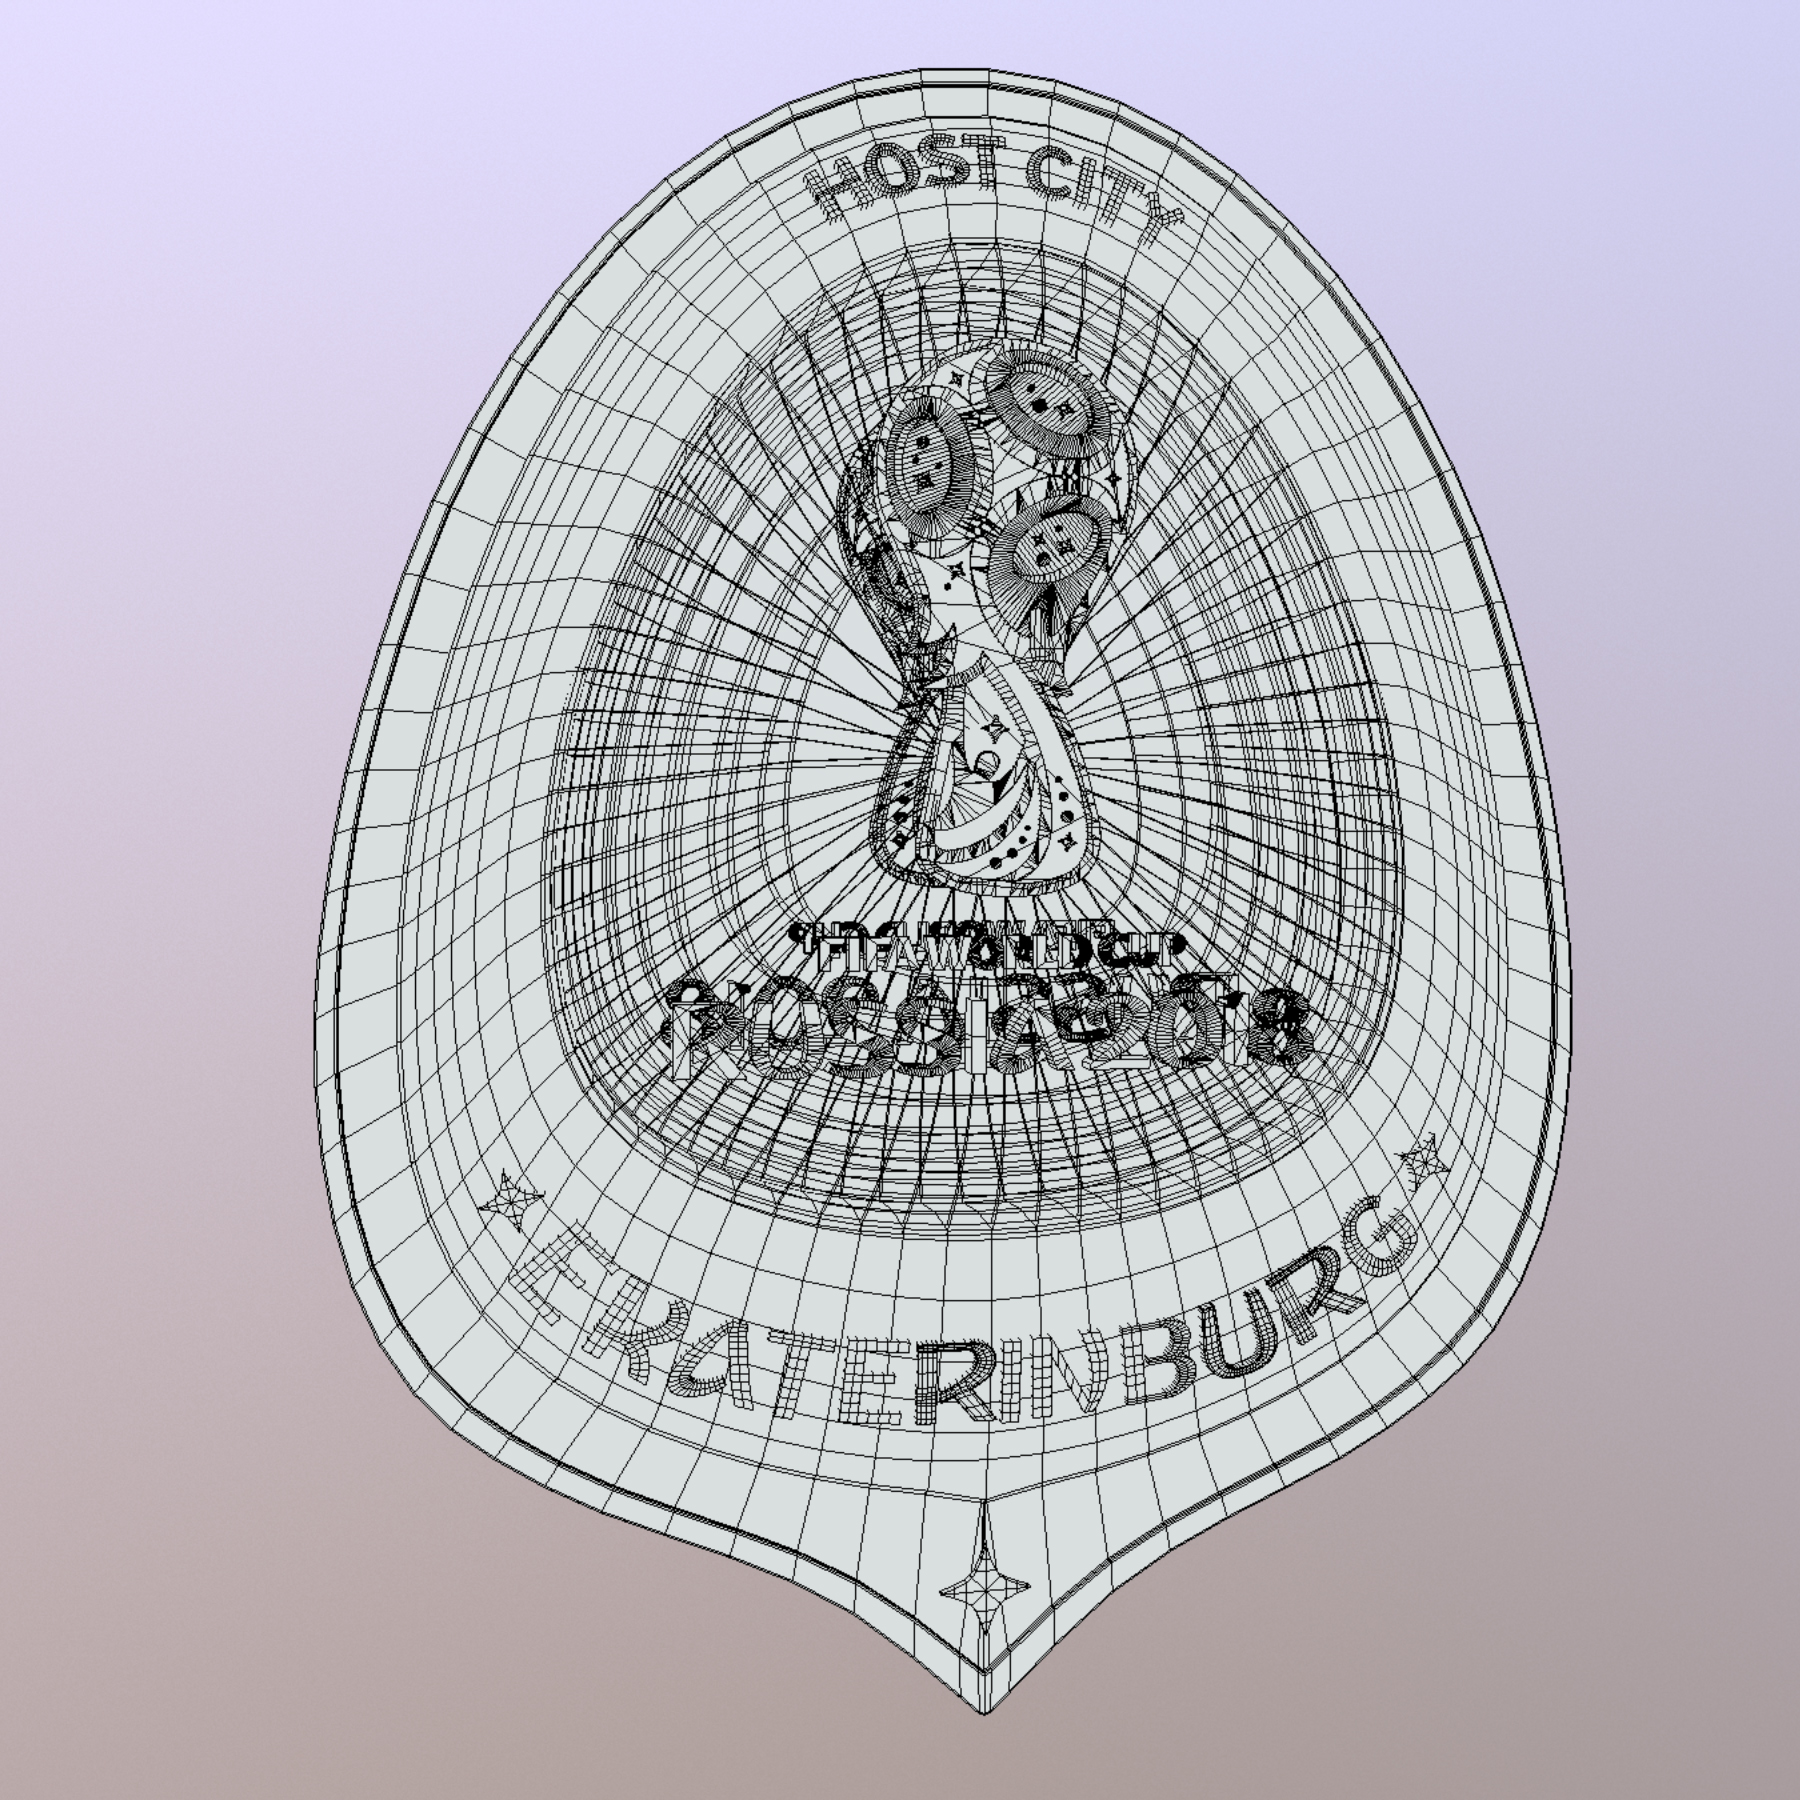 ekaterinburg city world cup russia 2018 symbol 3d model max  fbx jpeg jpg ma mb obj 271743